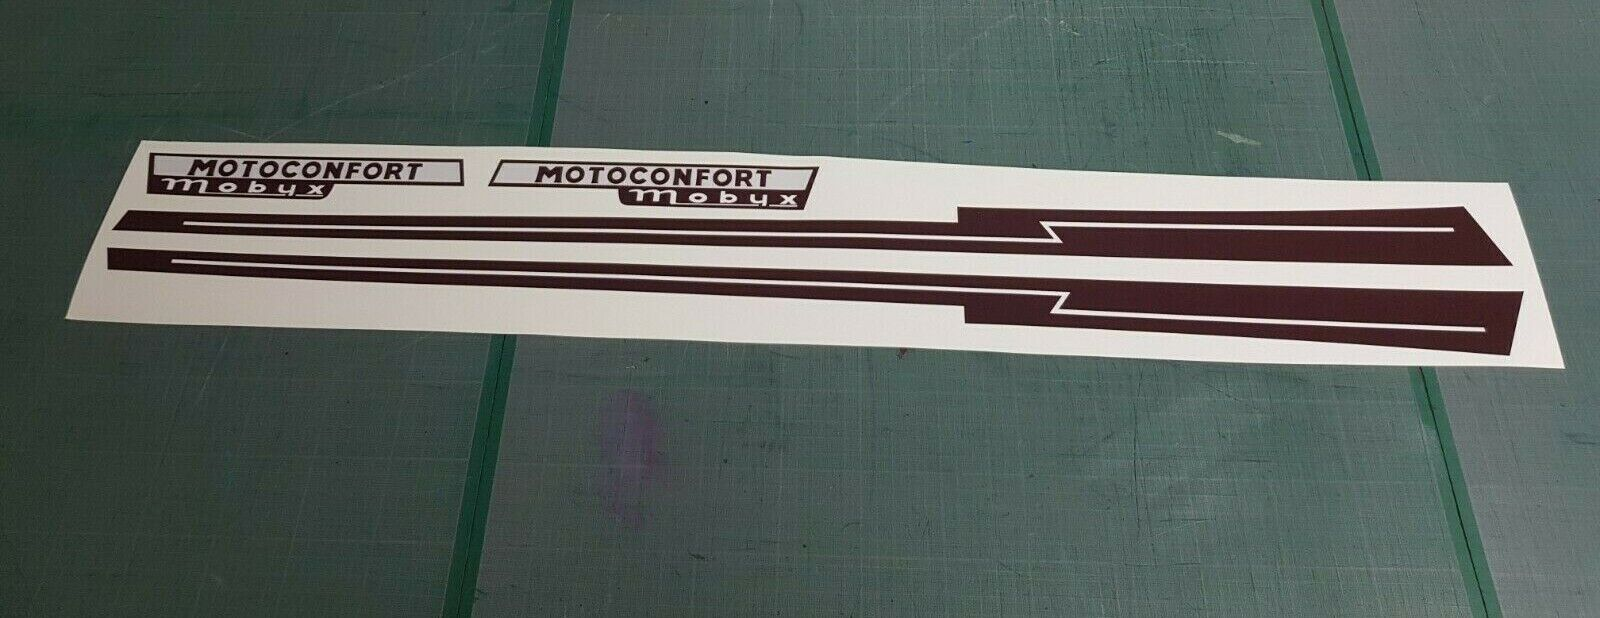 Kit Autocollants stickers mobylette Motoconfort Mobyx pour carter